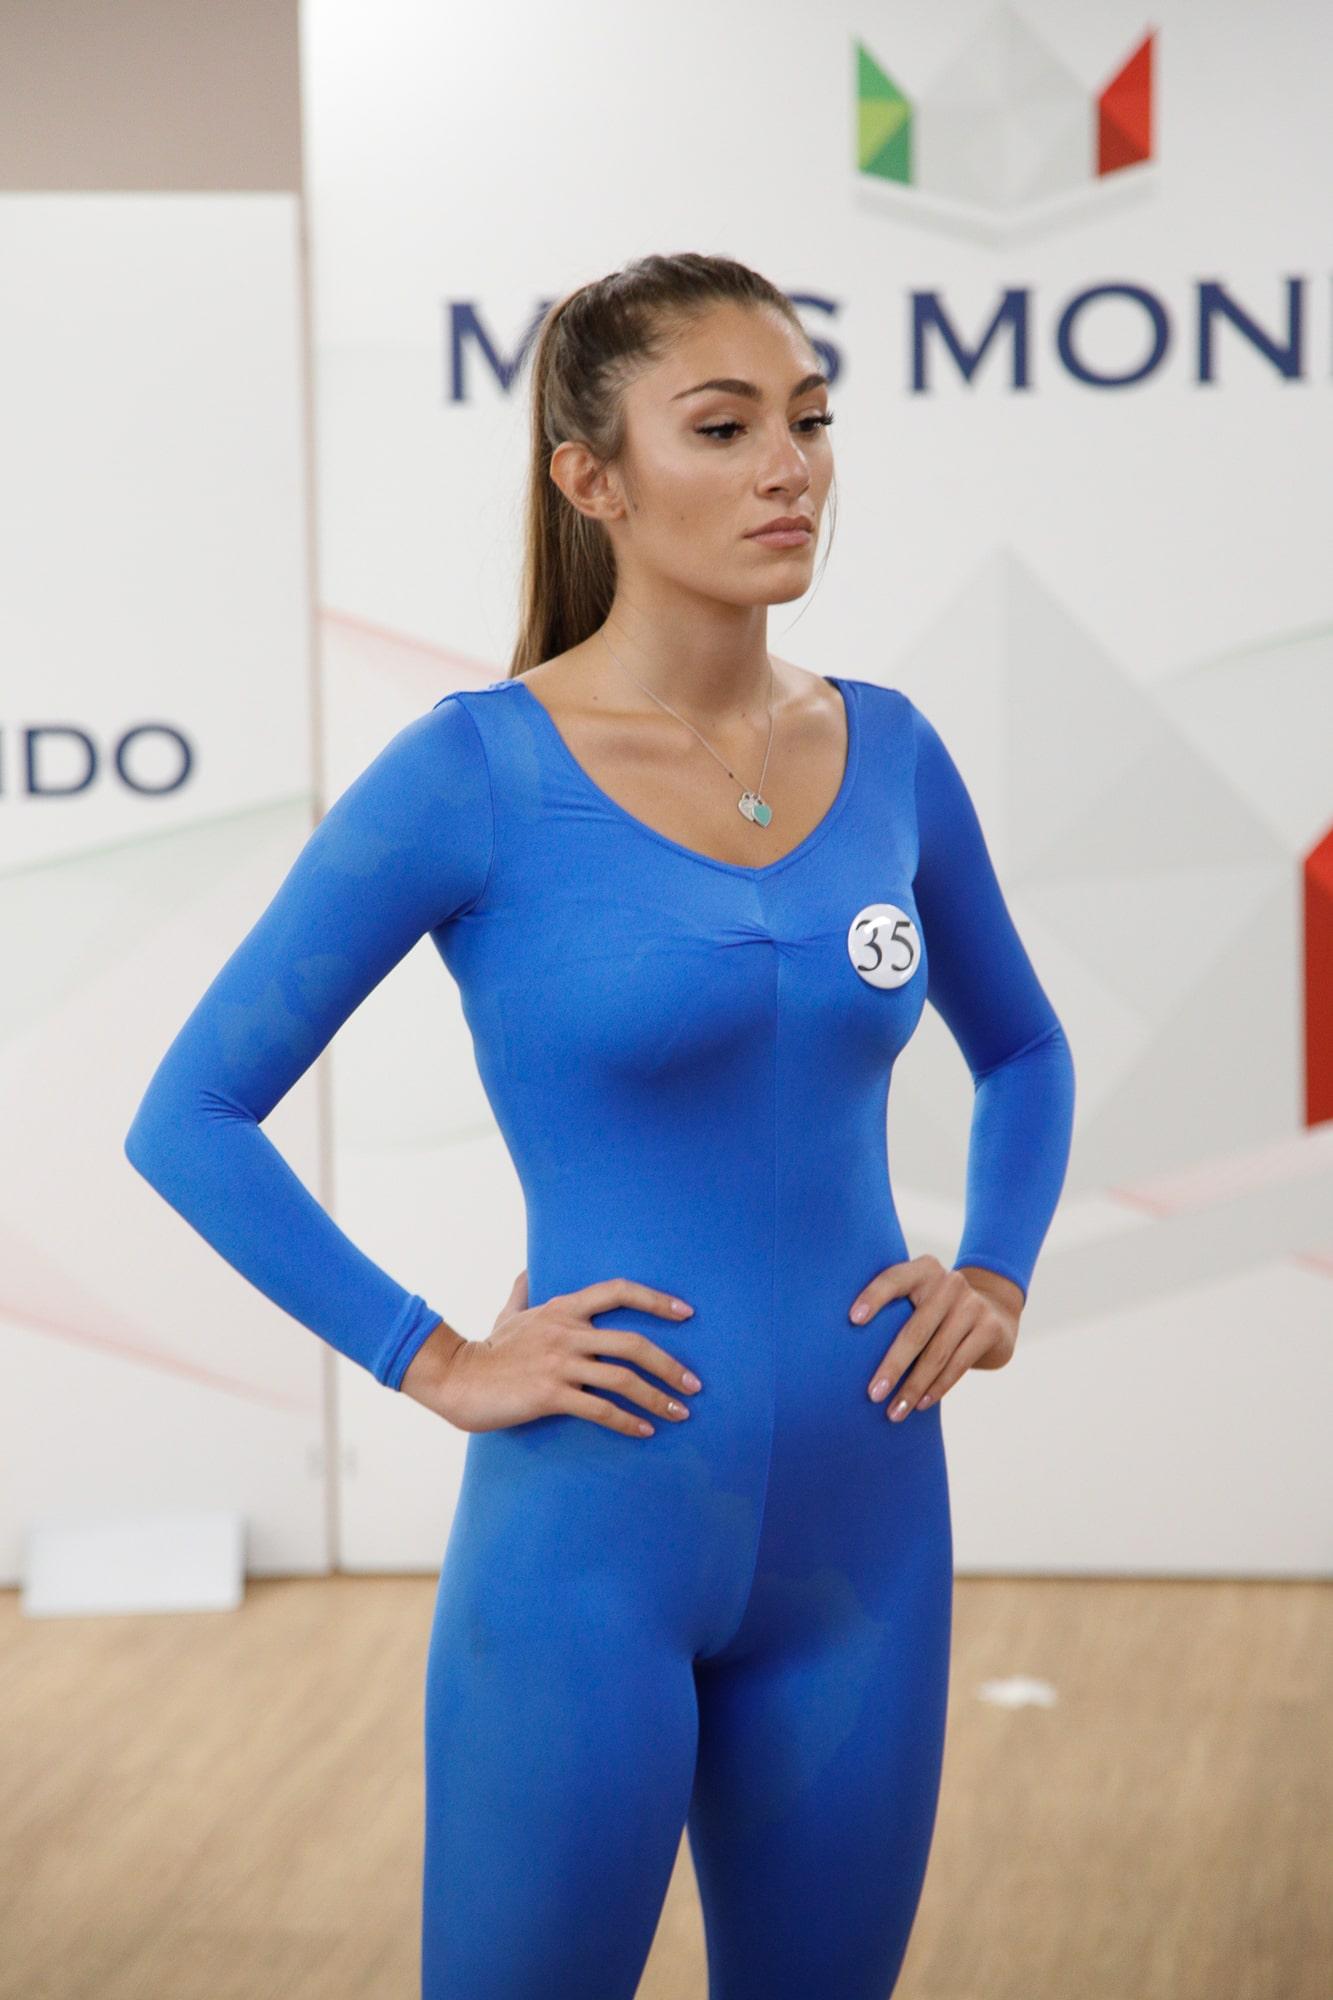 Finale nazione Miss Mondo Italia 2021 Audizione Talent 2 - 15